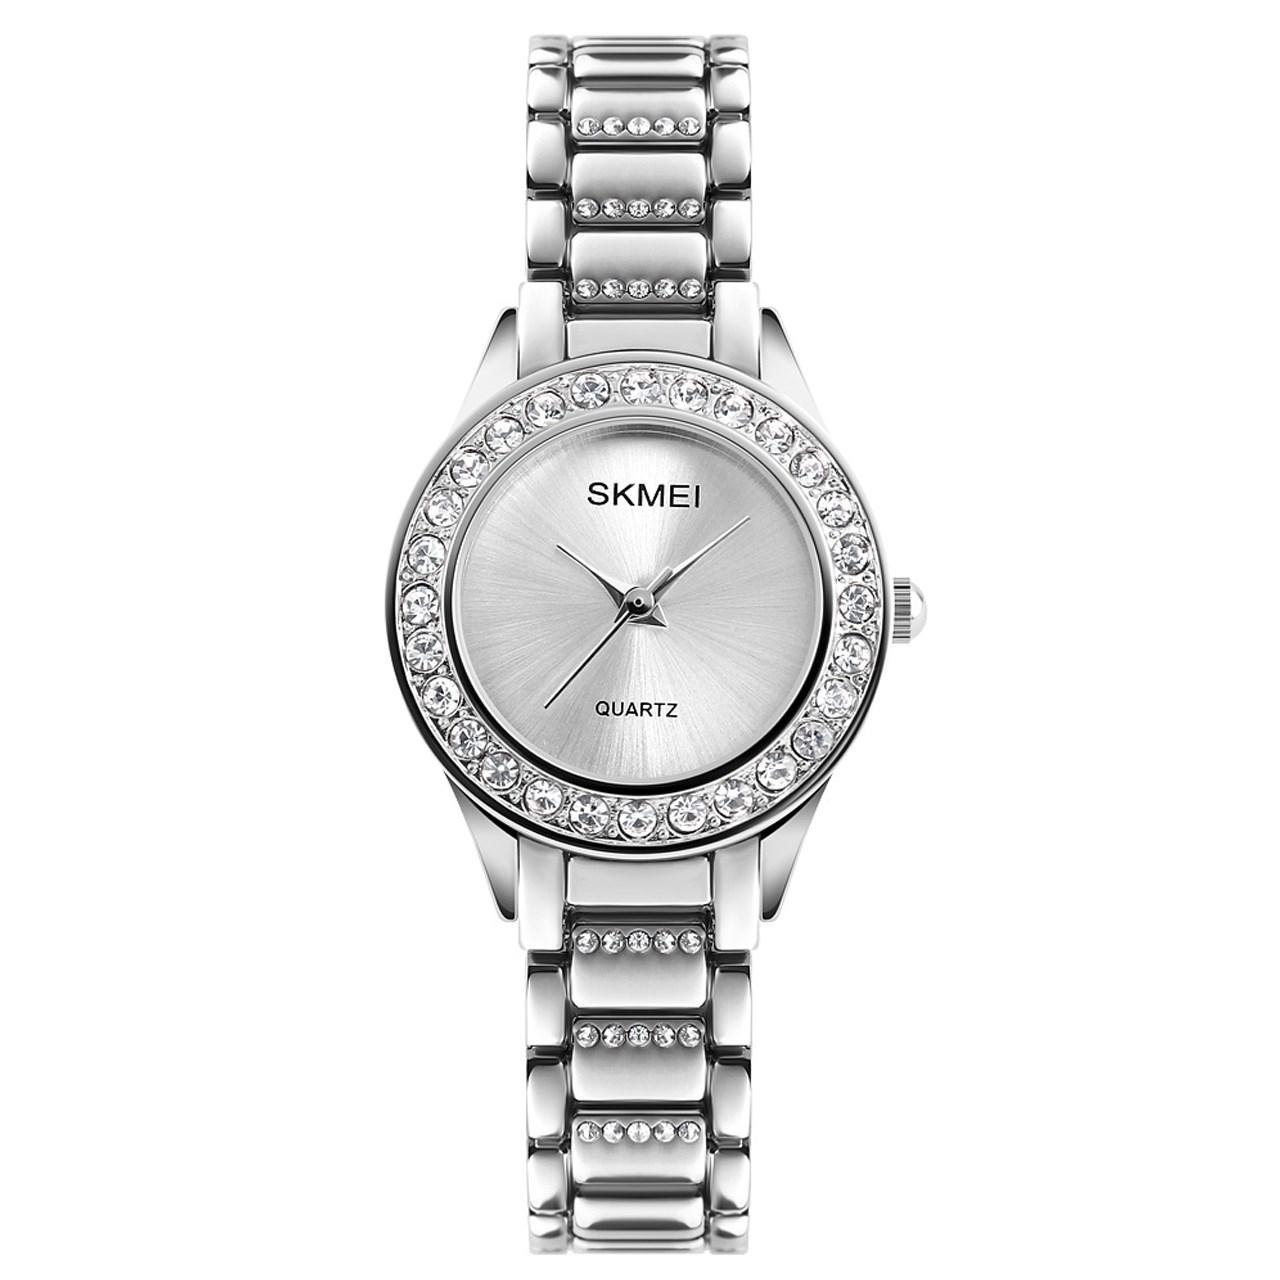 ساعت مچی  عقربه ای زنانه اسکمی مدل 1262 کد 02 54